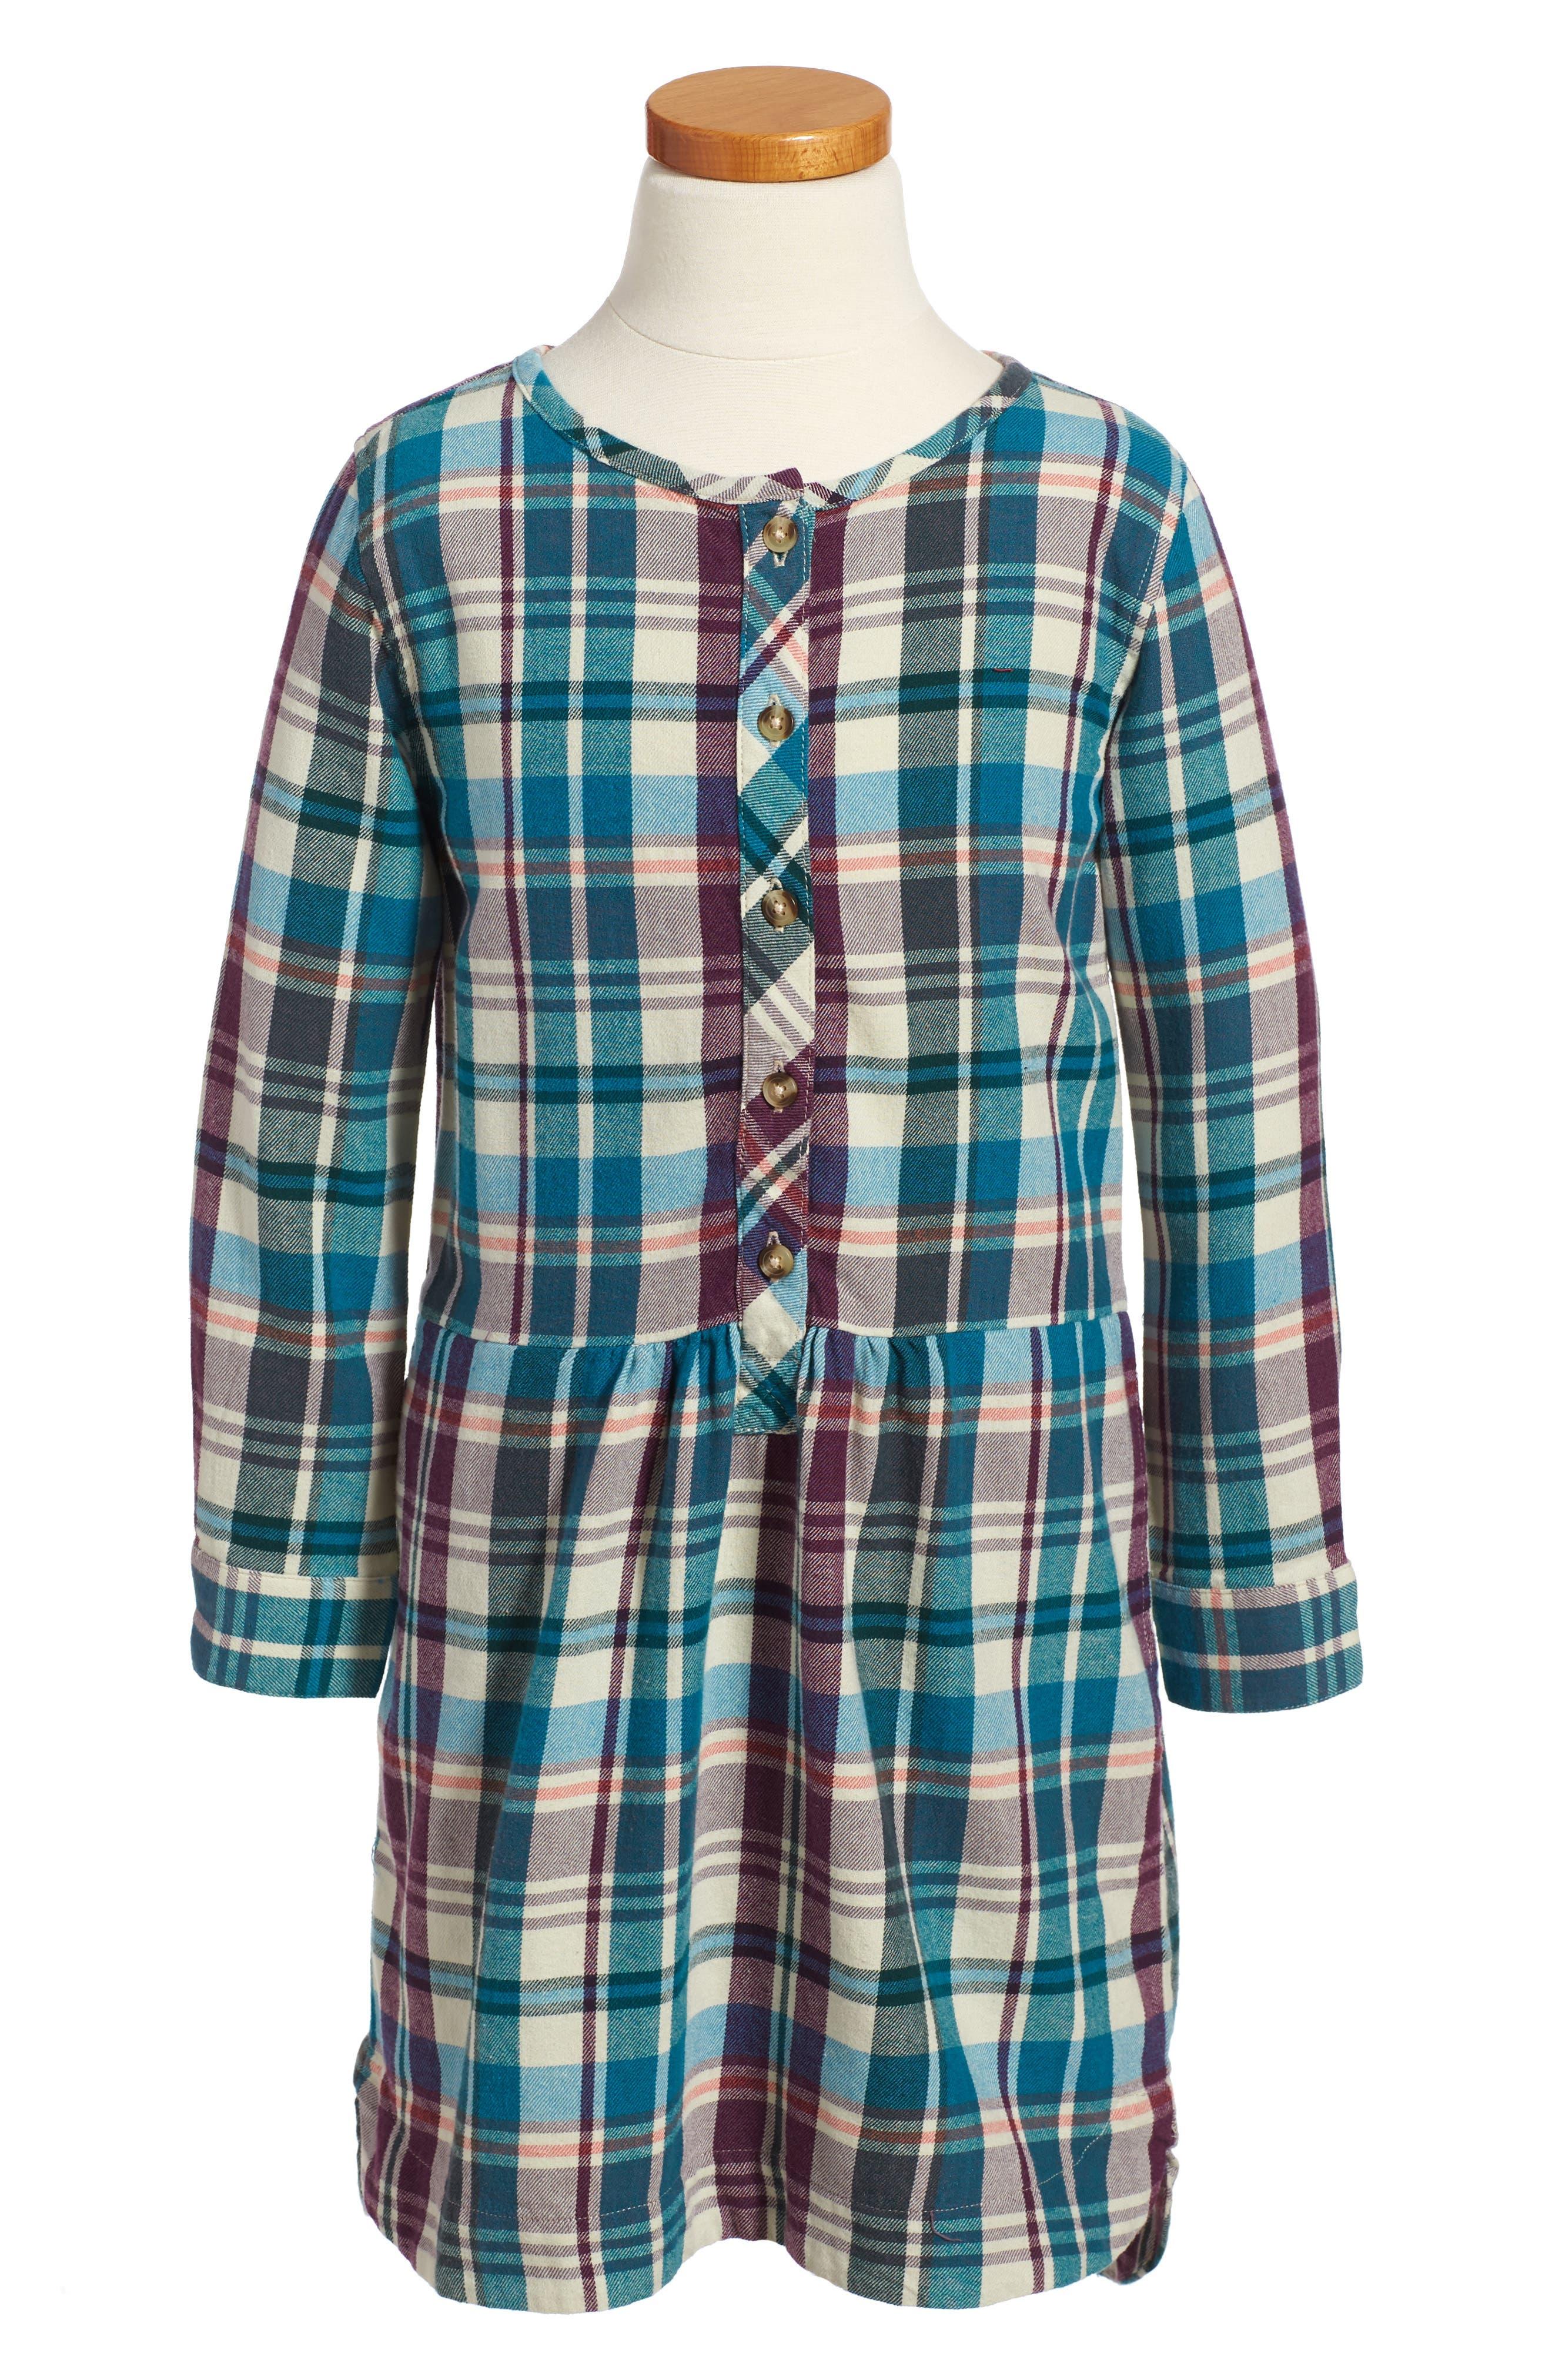 Main Image - Tea Collection Applecross Plaid Flannel Shirtdress (Toddler Girls, Little Girls & Big Girls)